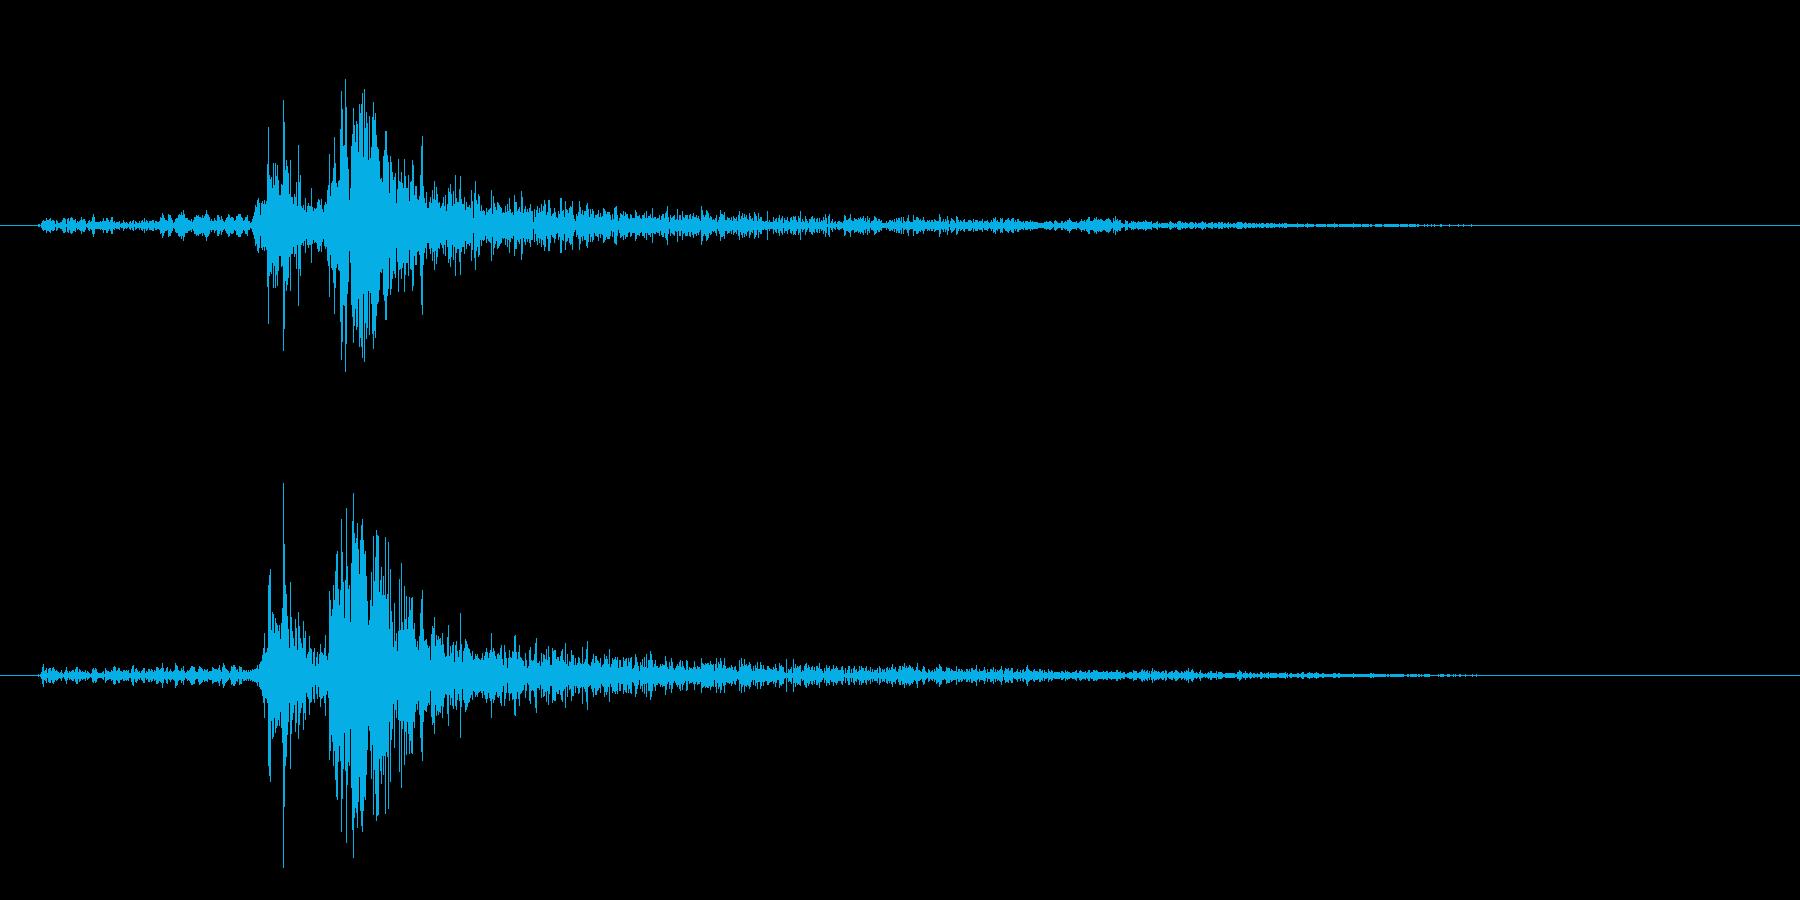 タン(的を射抜くような音)の再生済みの波形